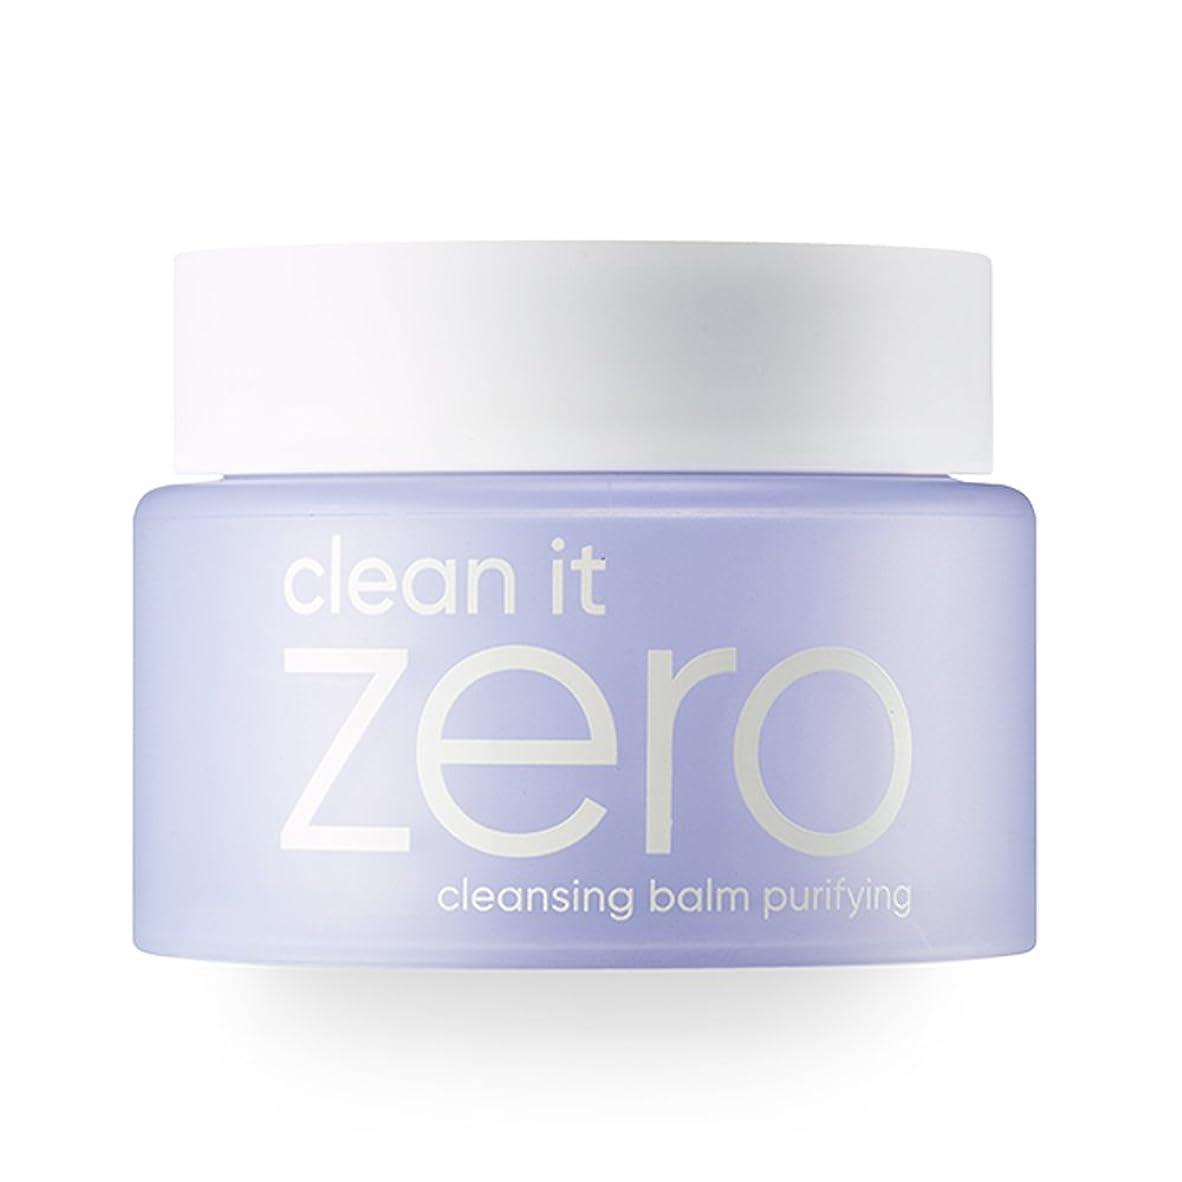 ストリップ聞きますアブストラクトBANILA CO(バニラコ) クリーン イット ゼロ クレンジング バーム ピュリファイング Clean It Zero Purifying